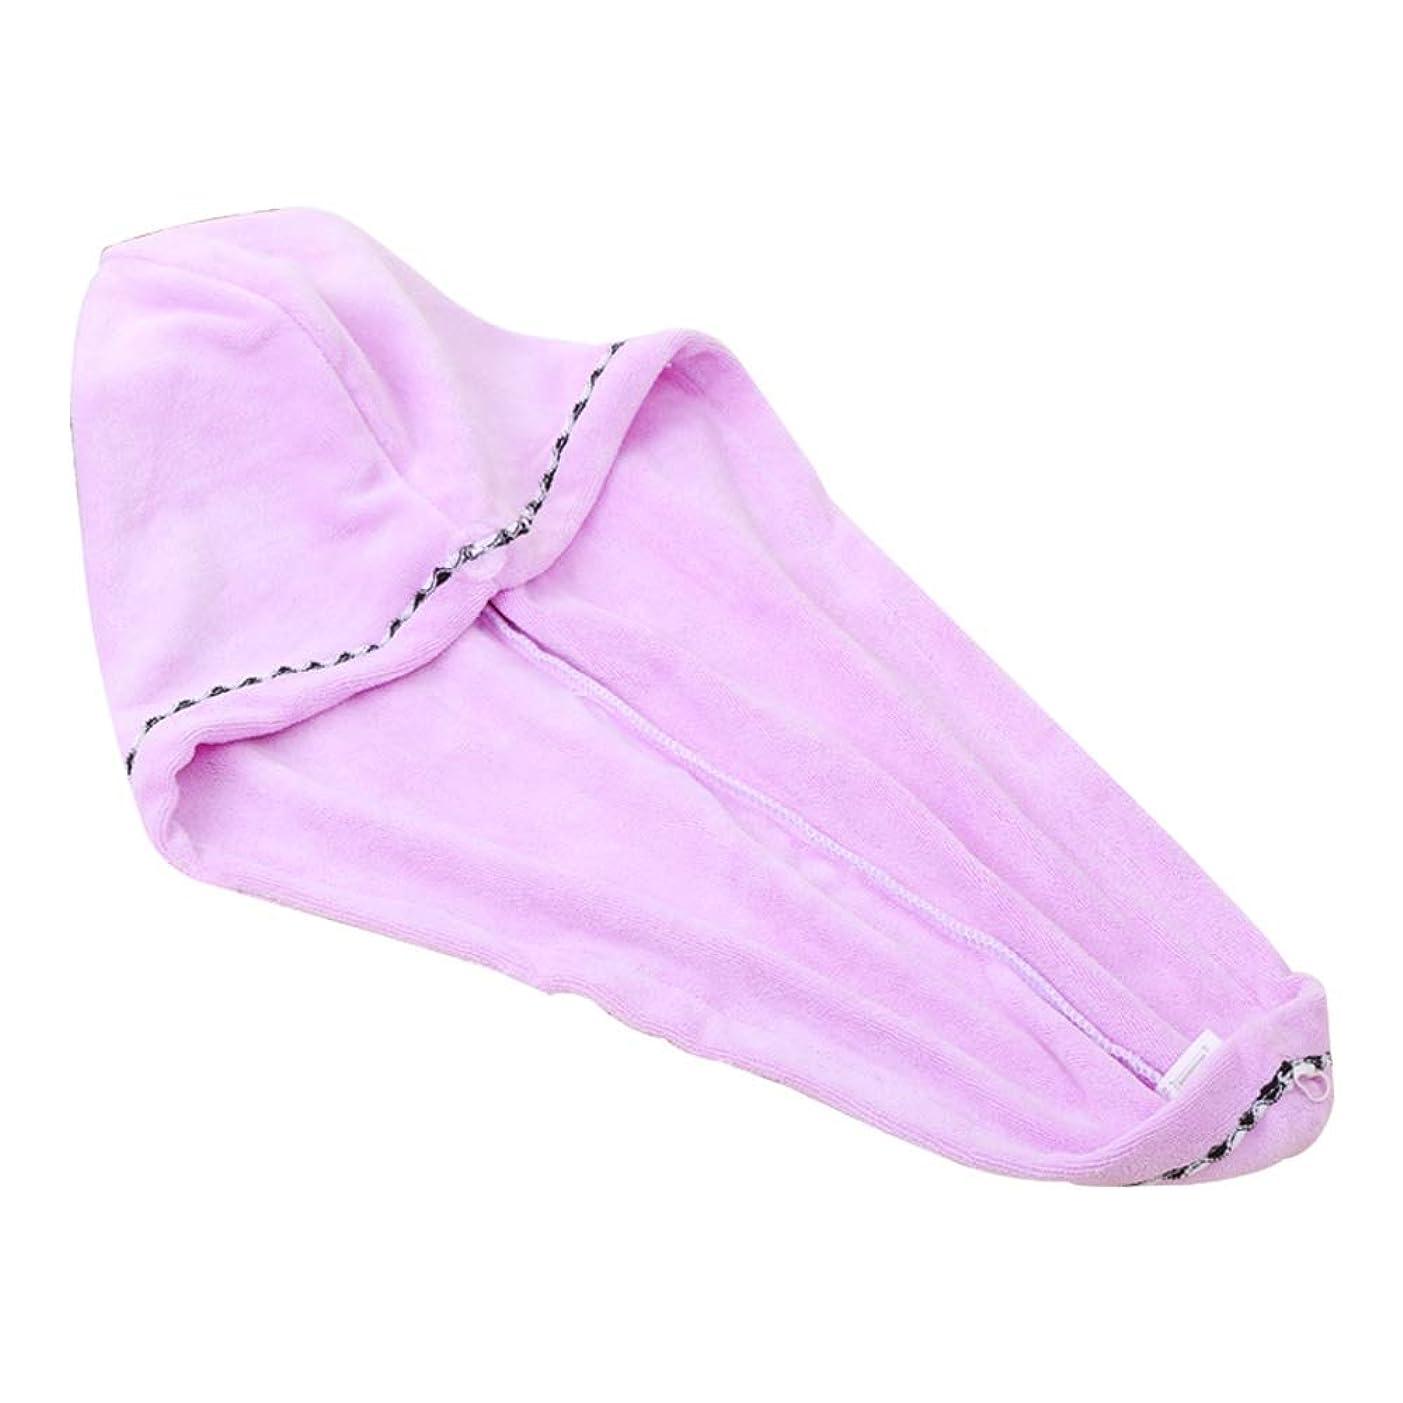 楽観的人工家事Yushulinfeng マイクロファイバードライヘアーキャップシャワーキャップ女性吸水速乾性タオルダブル肥厚フード付きのかわいいシャワーキャップドライ毛タオルシャワーキャップ (Color : Purple)